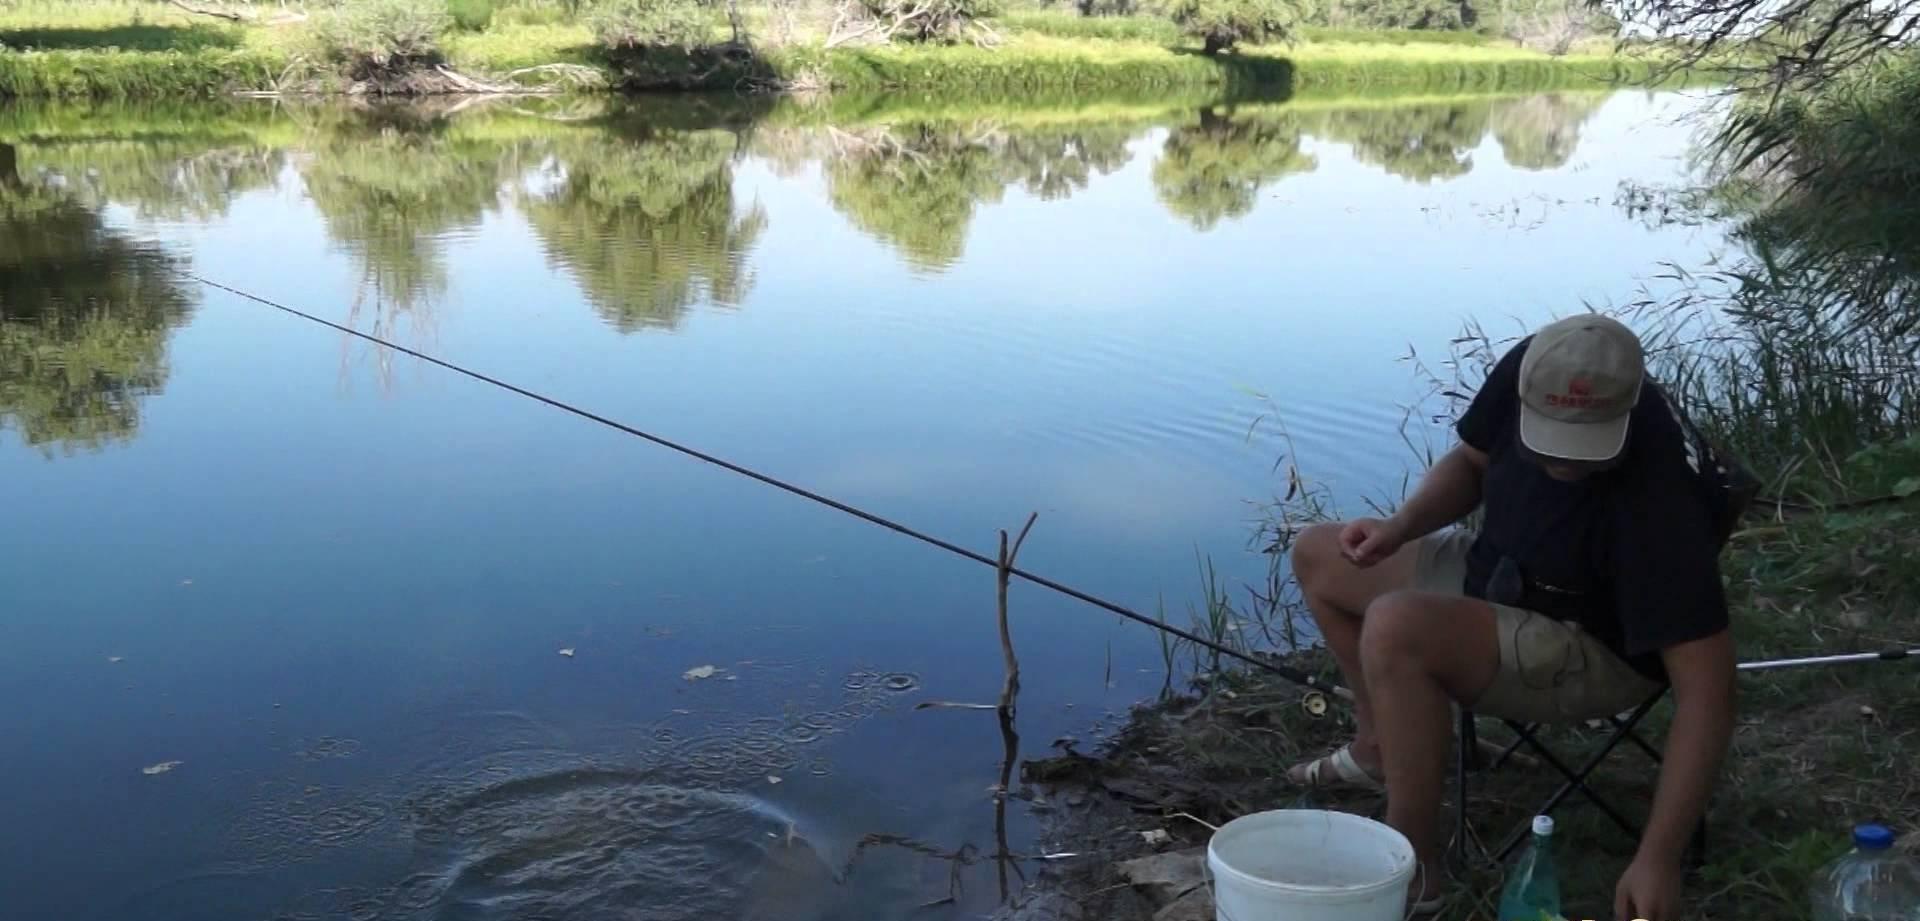 Ловля леща весной на фидер на реке – рыбалке.нет